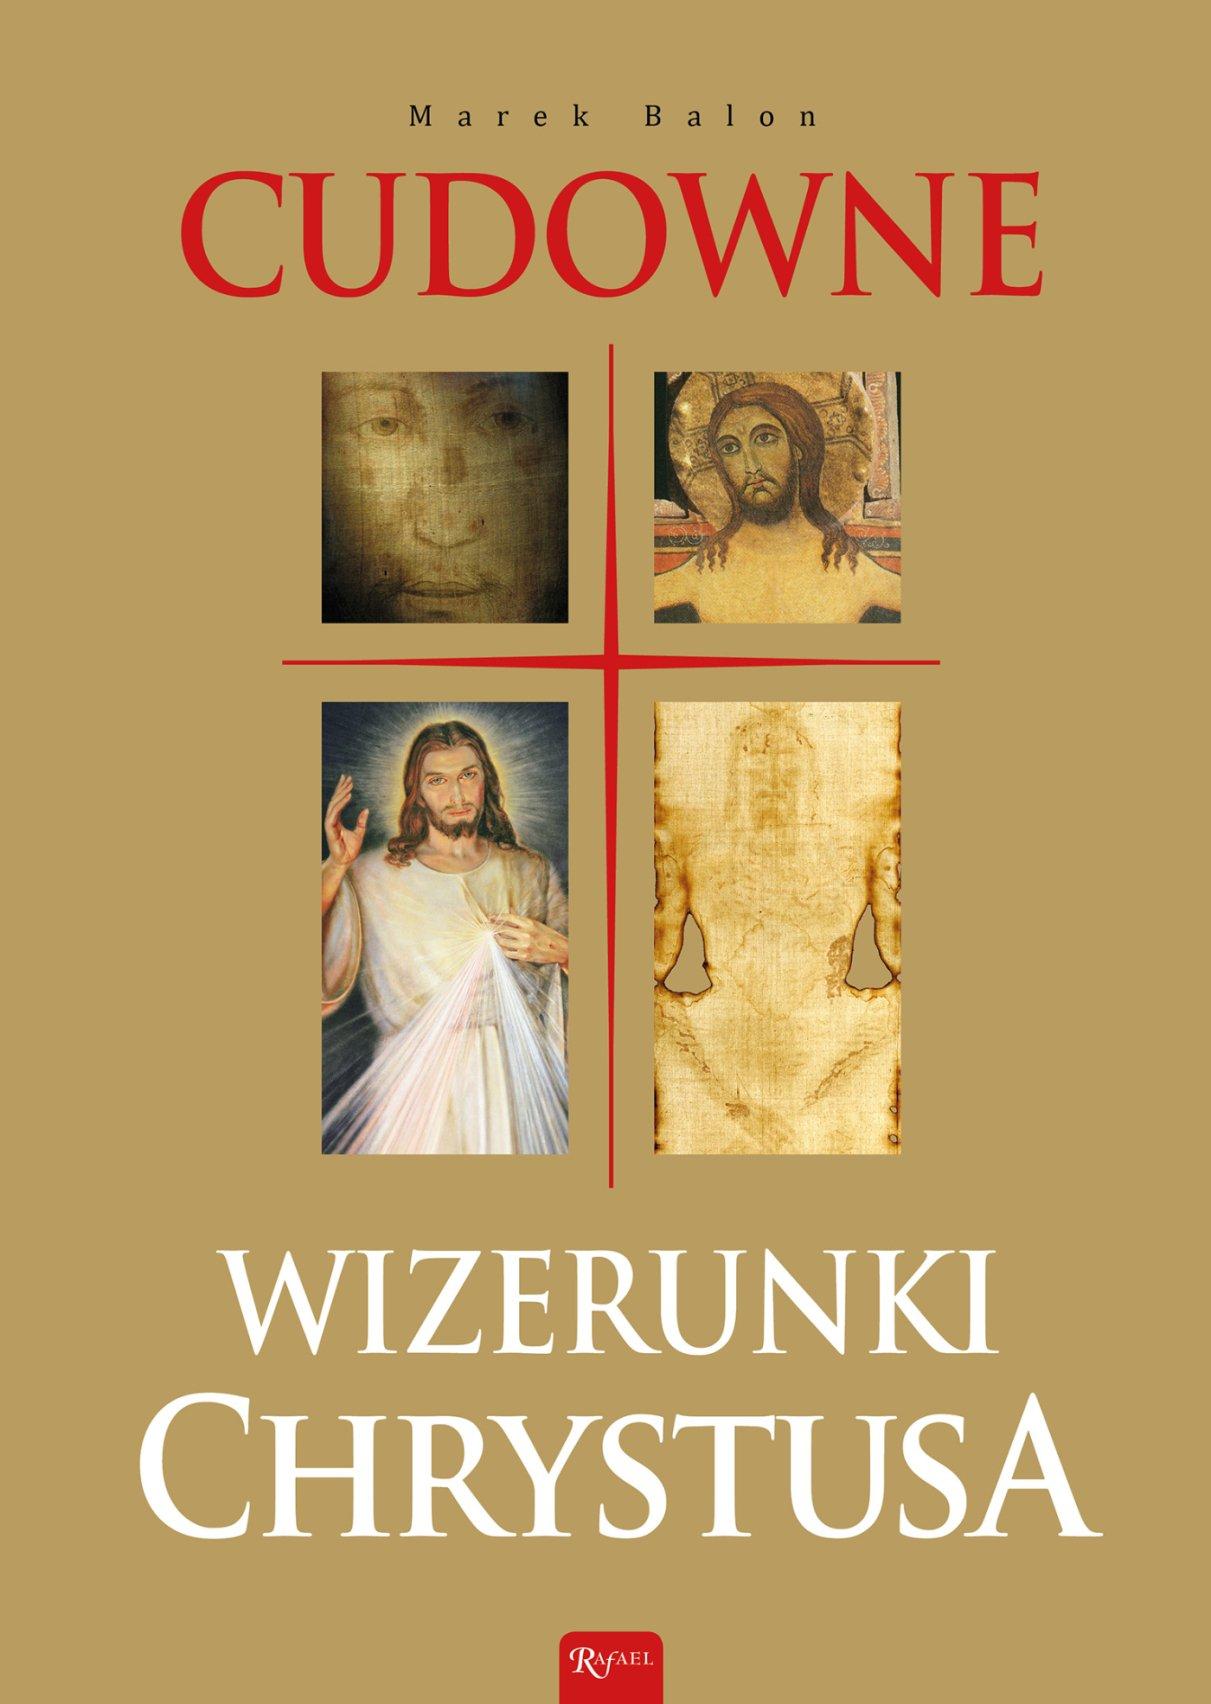 Cudowne wizerunki Chrystusa - Ebook (Książka PDF) do pobrania w formacie PDF